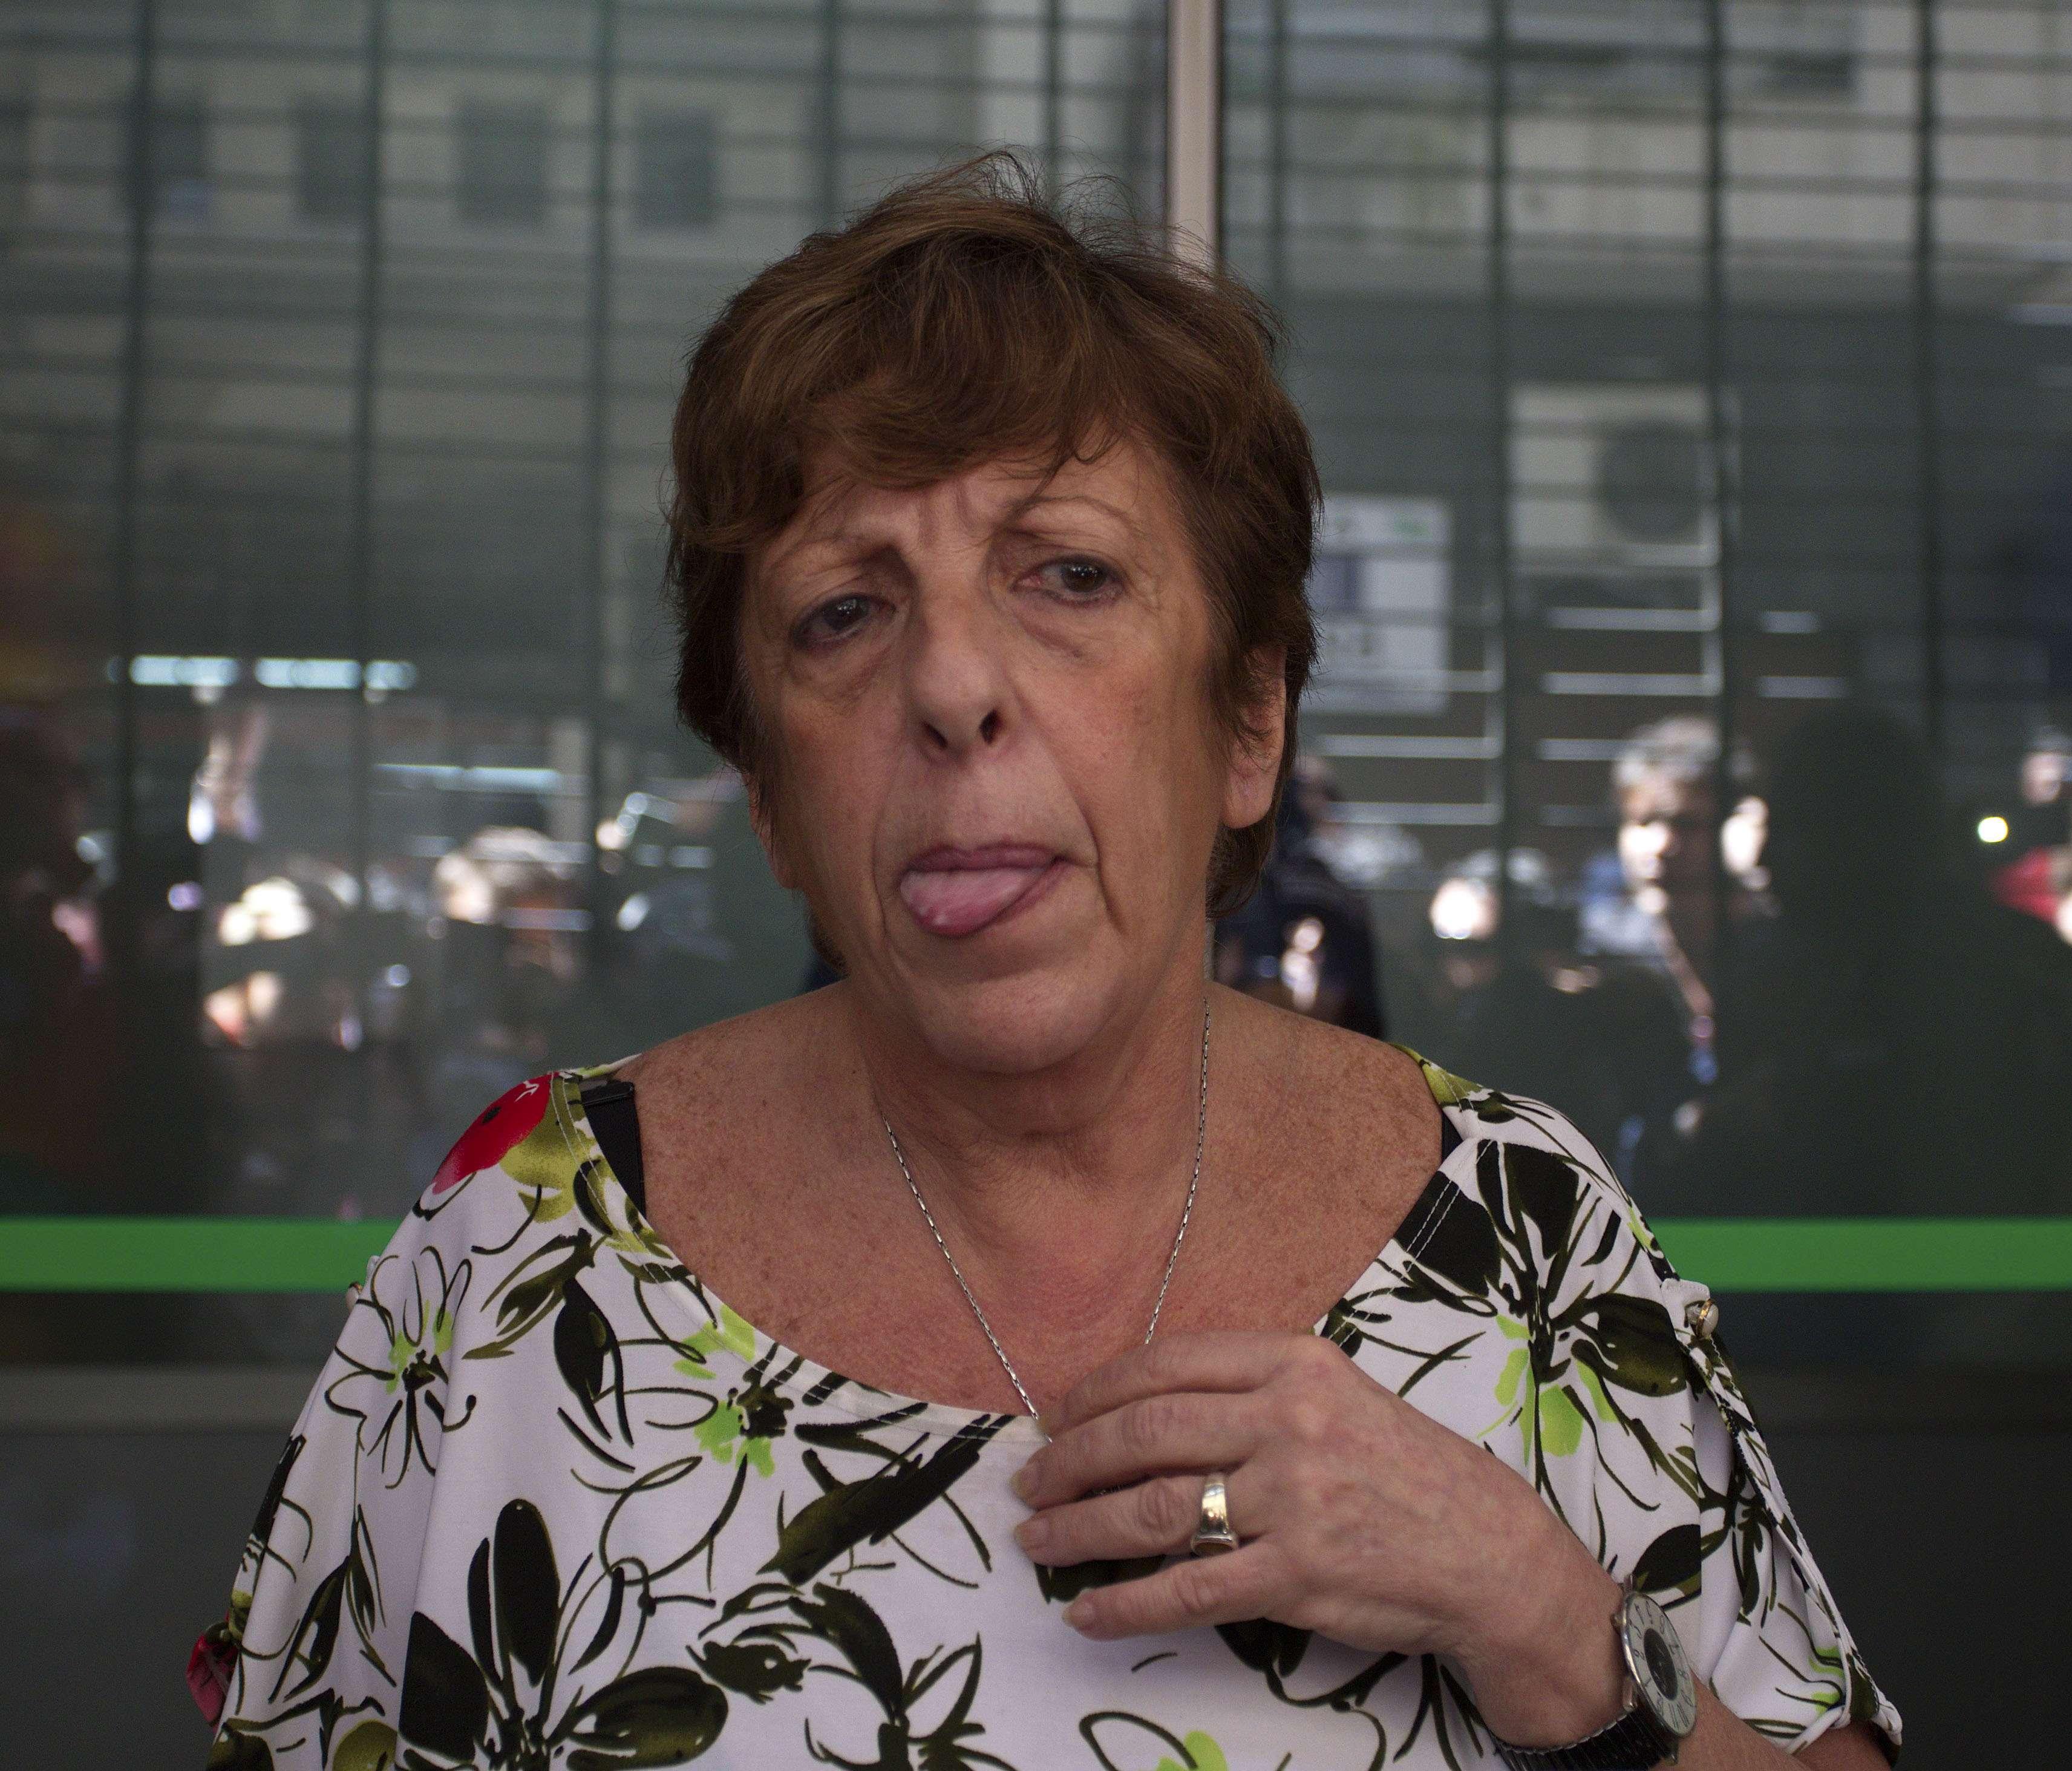 La fiscal Viviana Fein, que entiende en la muerte de Alberto Nisman. Foto: NA